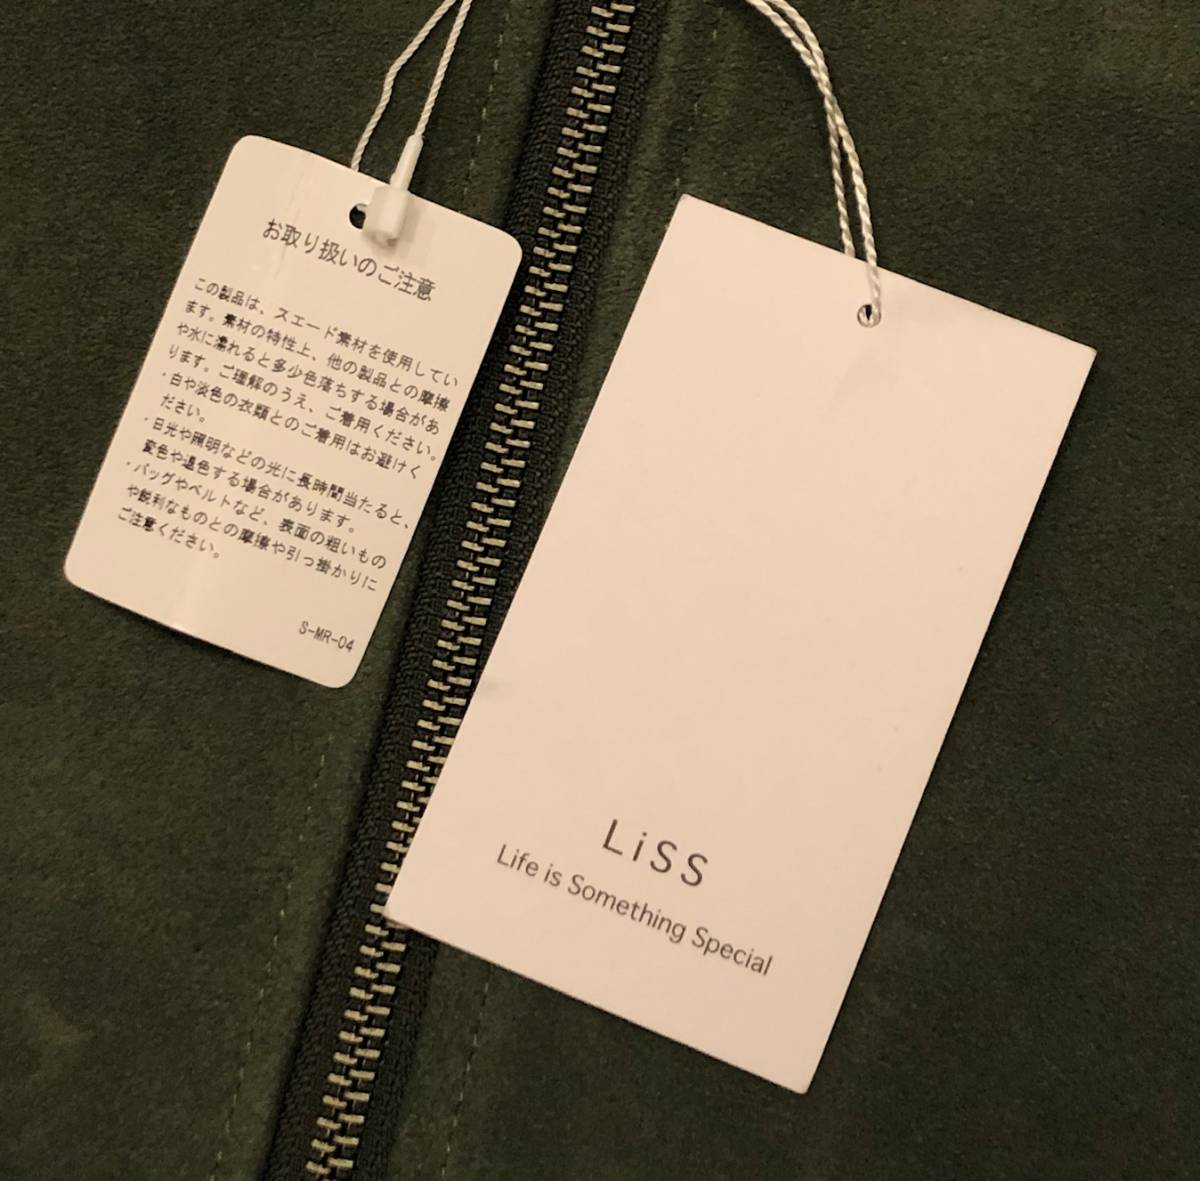 定価54000円 新品★ LISS 18AW スエード レザー シングル ライダース ジャケット リス ★ カーキ 2_画像4